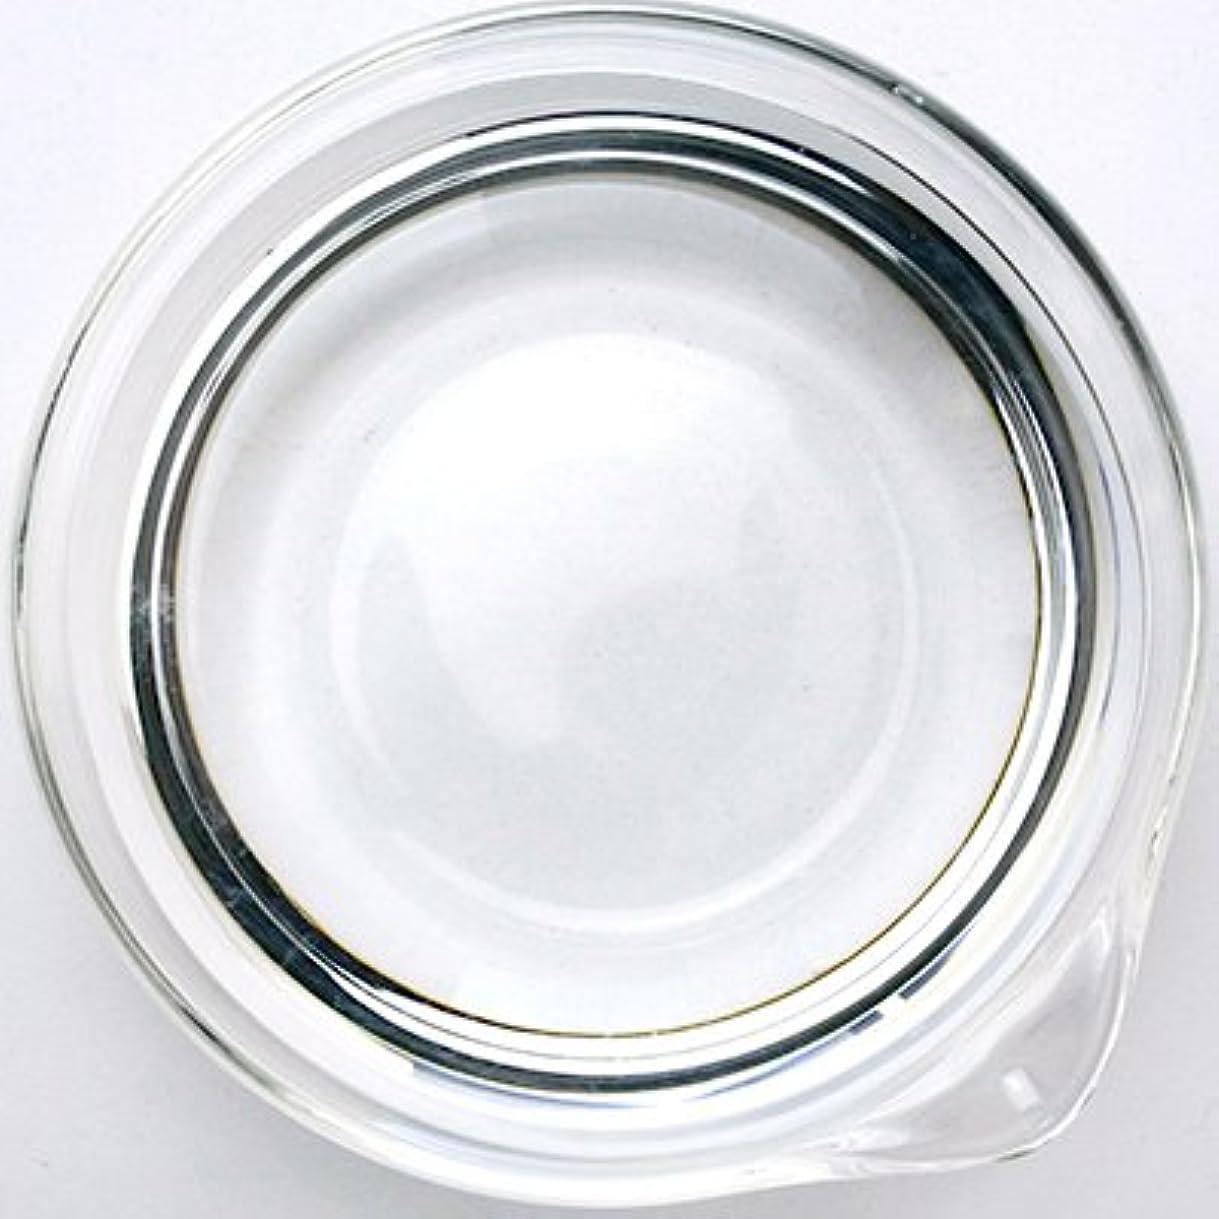 つなぐ通り抜けるシソーラス1,2-ヘキサンジオール 10ml 【防腐剤/抗菌剤/保湿剤/手作りコスメ】